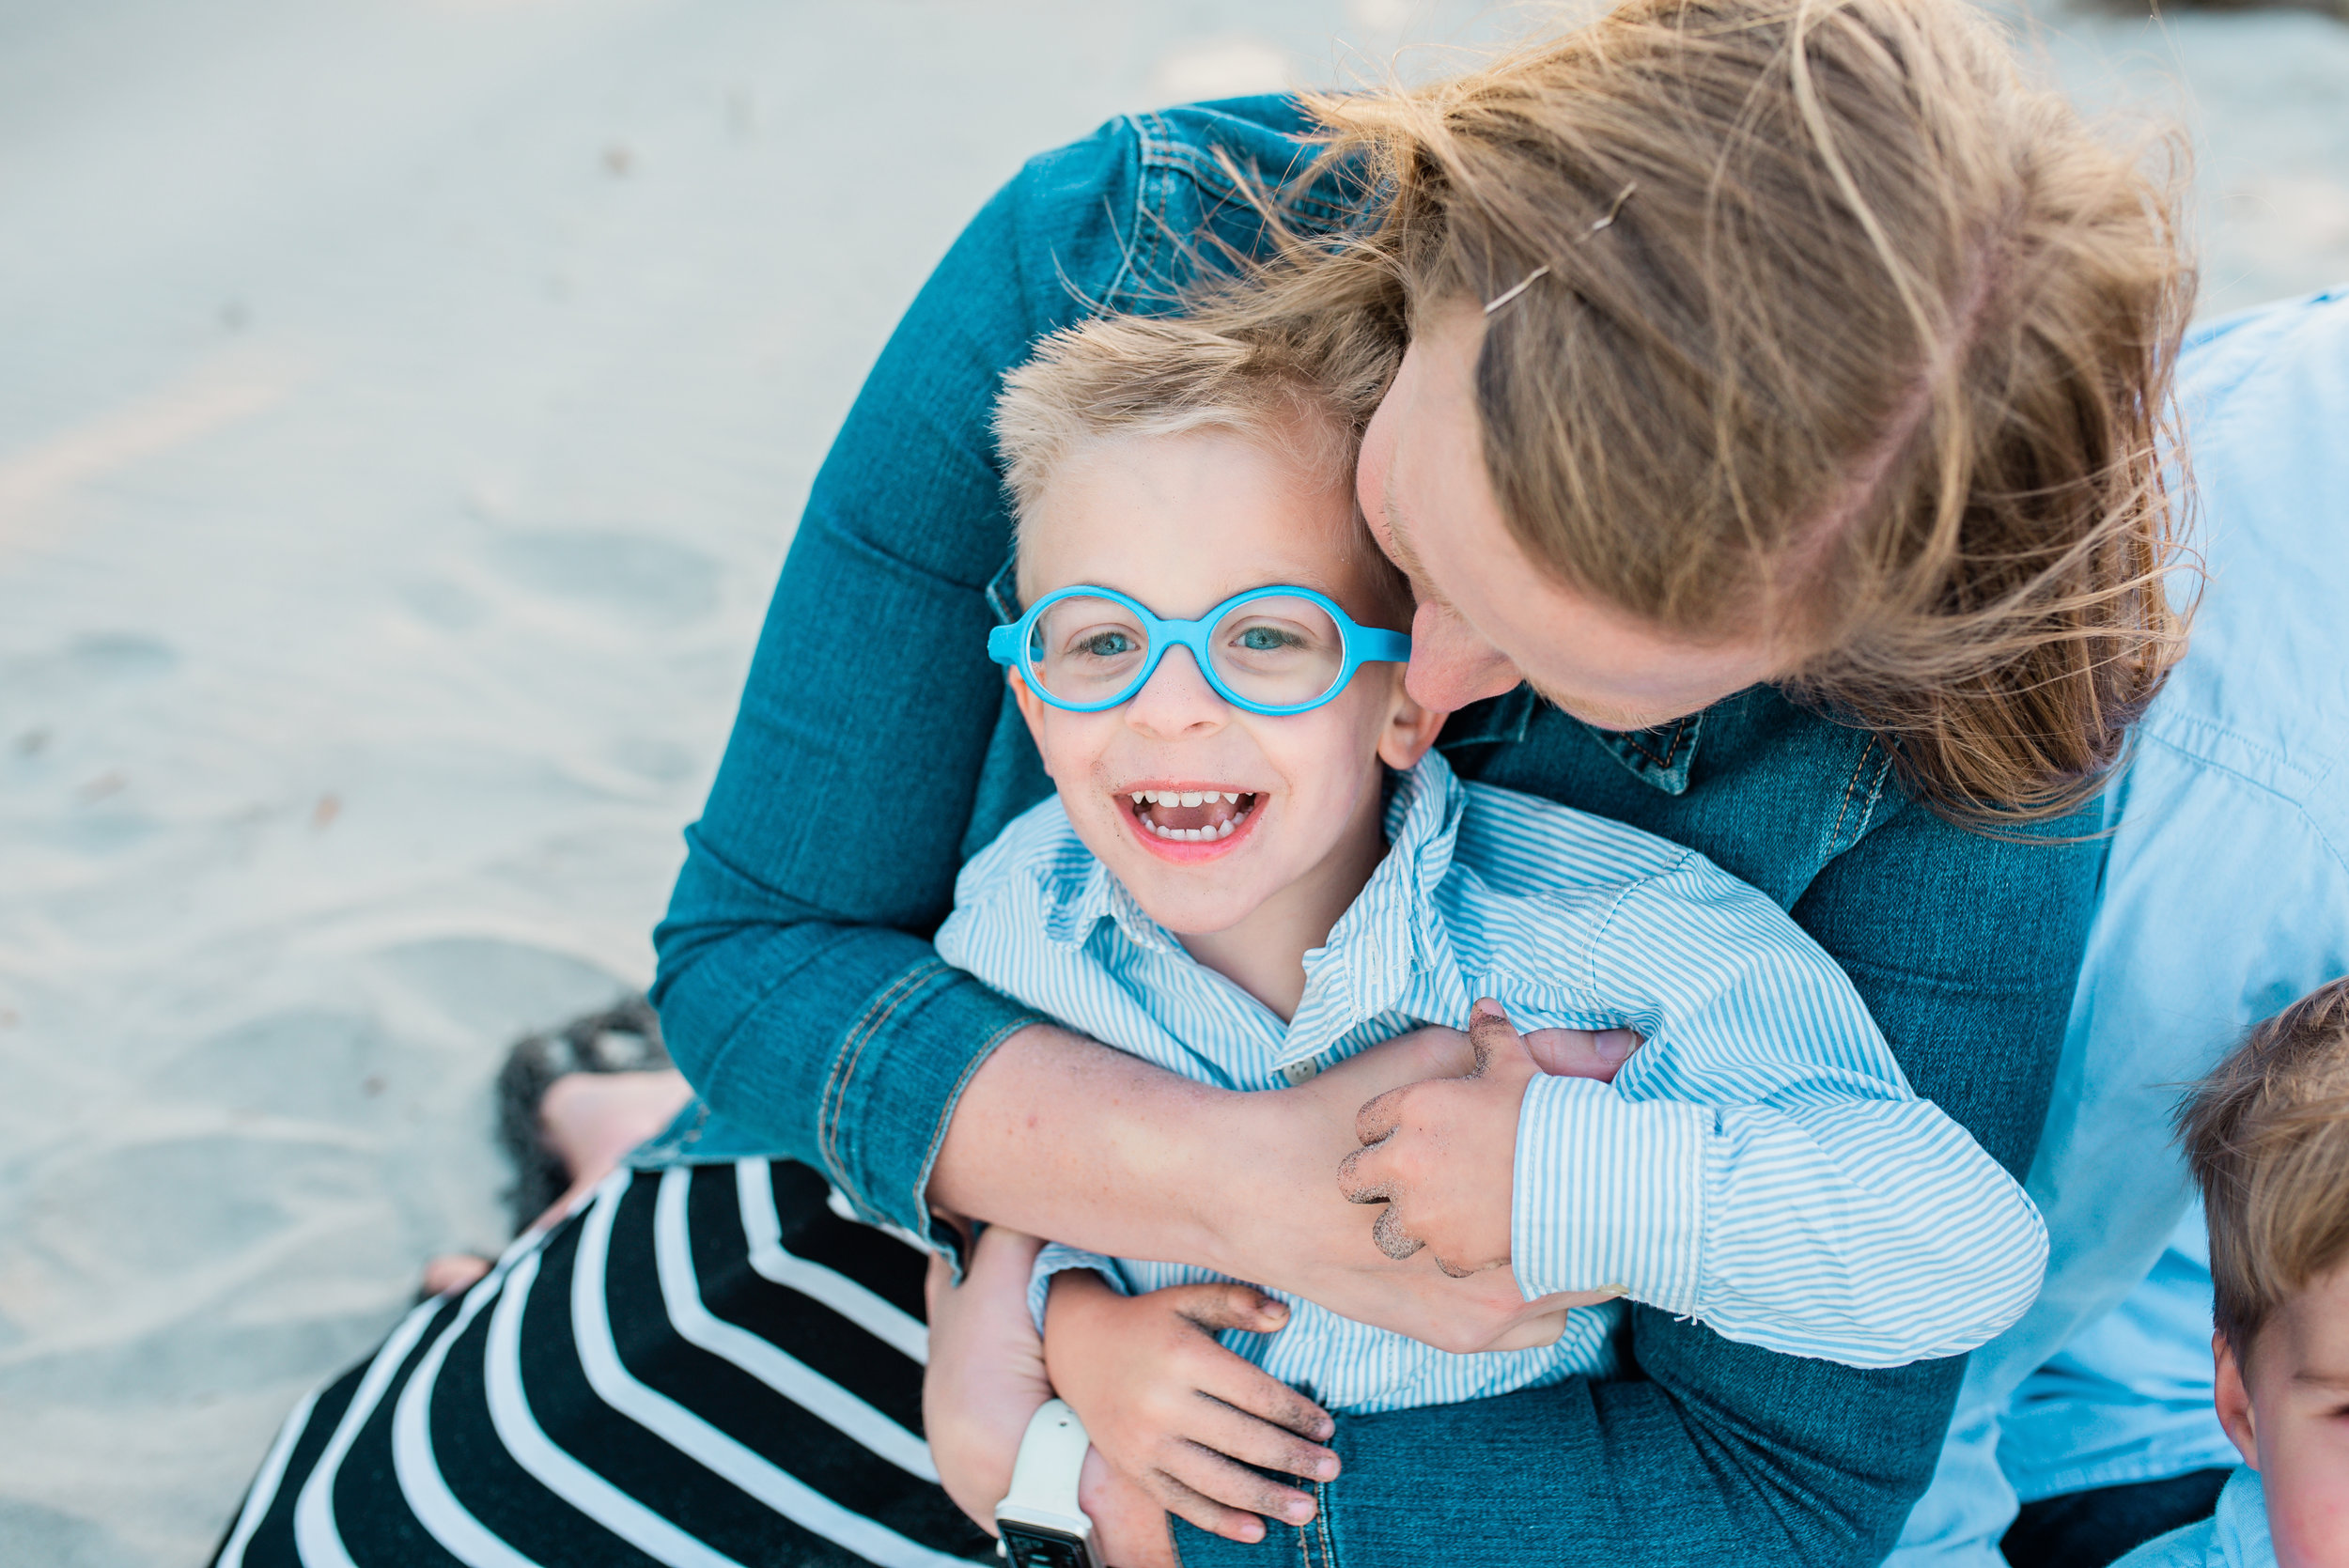 Folly-Beach-Family-Photographer-Following-Seas-Photography-8104 copy.jpg